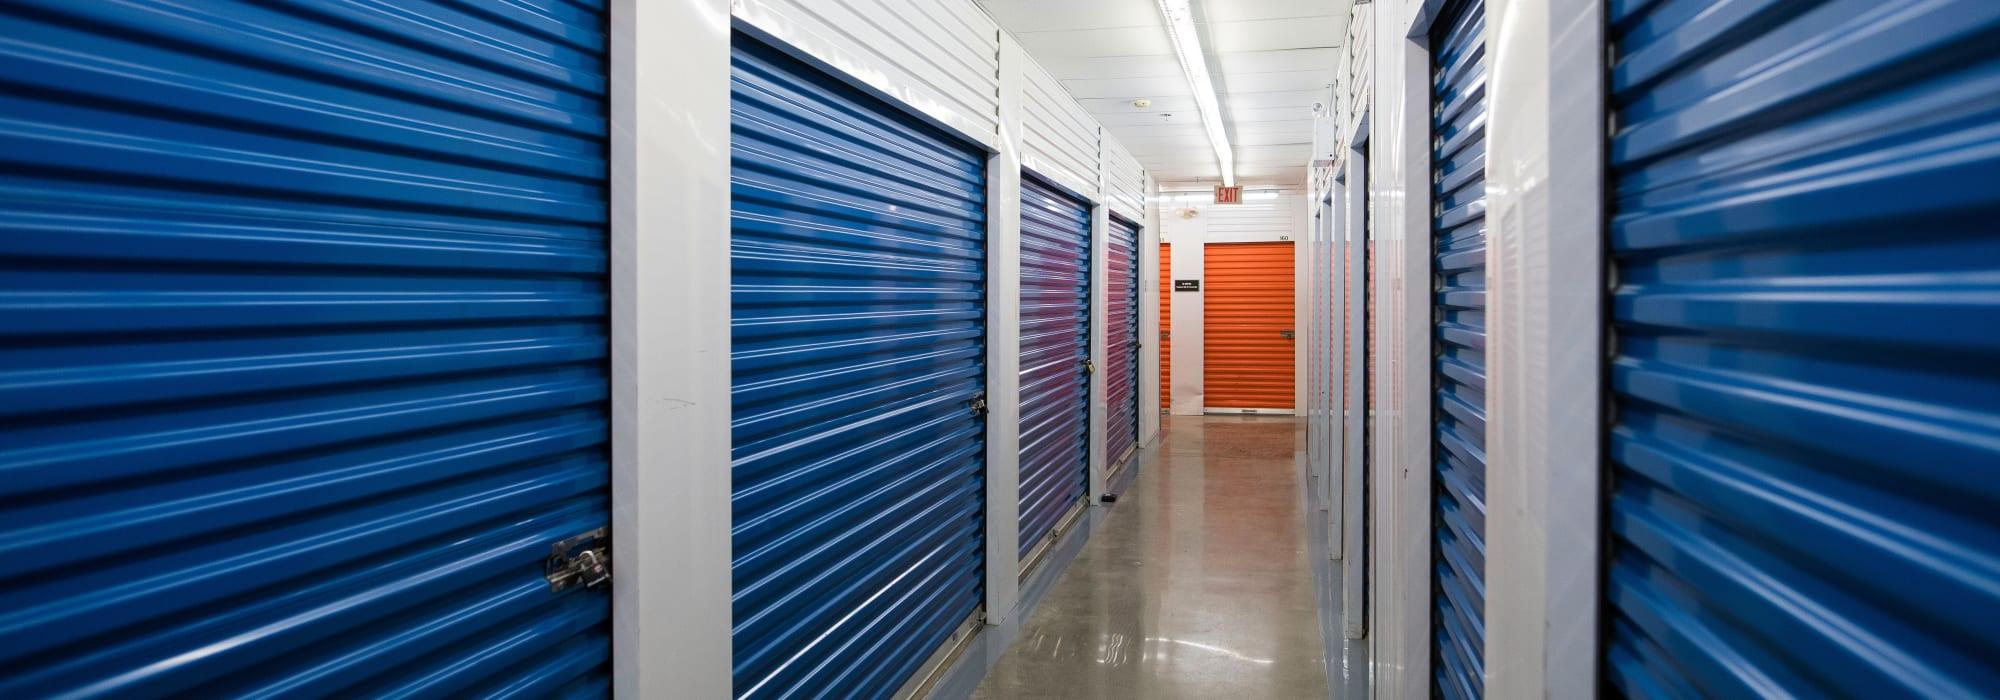 Weston Self Storage in Toronto, Ontario